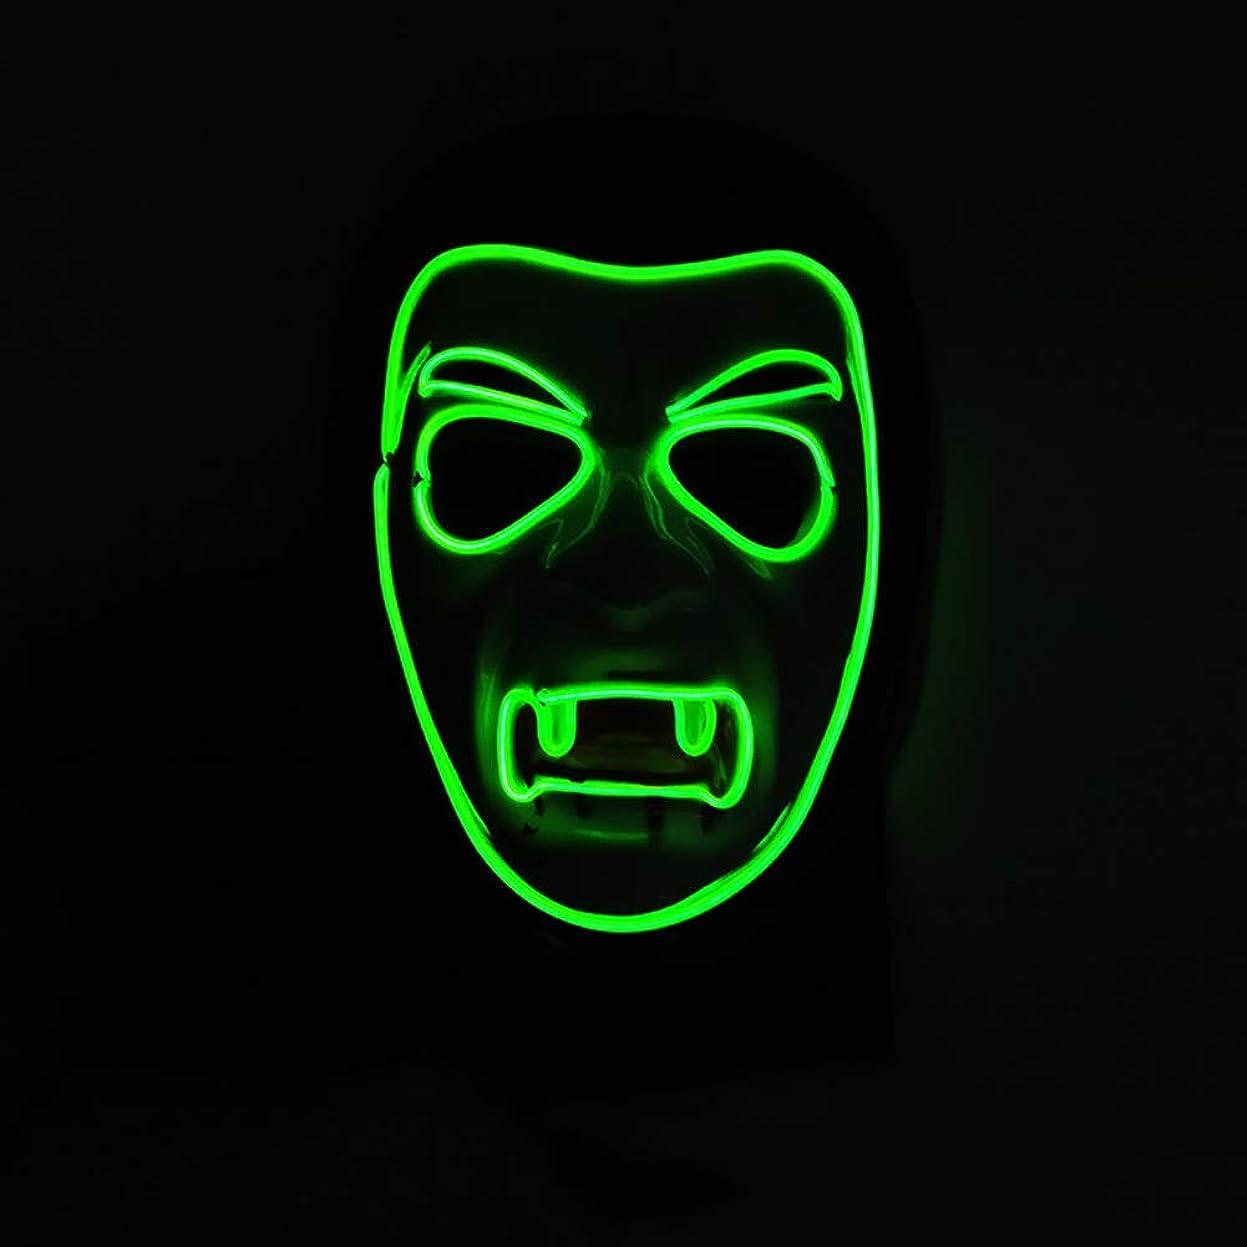 娯楽アンプ友情ハロウィン 吸血鬼 テロ イルミネーション LED マスク エル ワイヤー 化粧 プロム パーティー 装飾 マスク (18 * 18 * 9センチメートル) MAG.AL